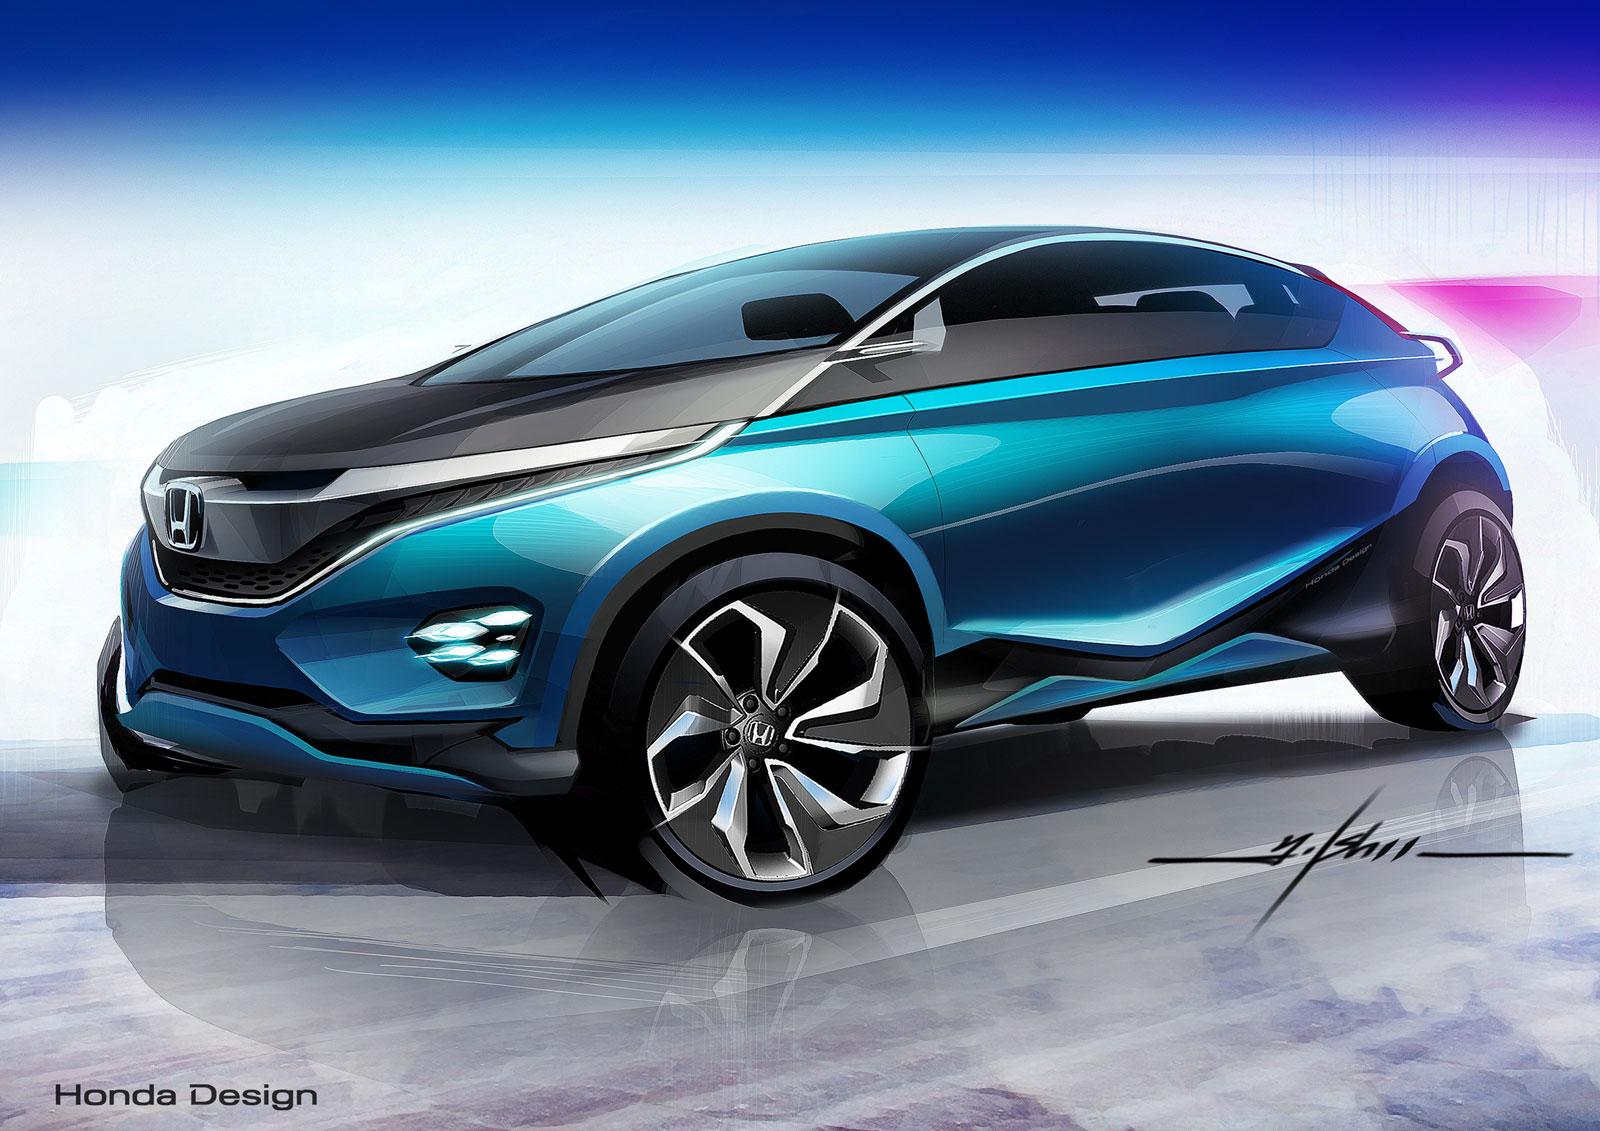 2014 honda vision xs 1 concepts for Future honda cars